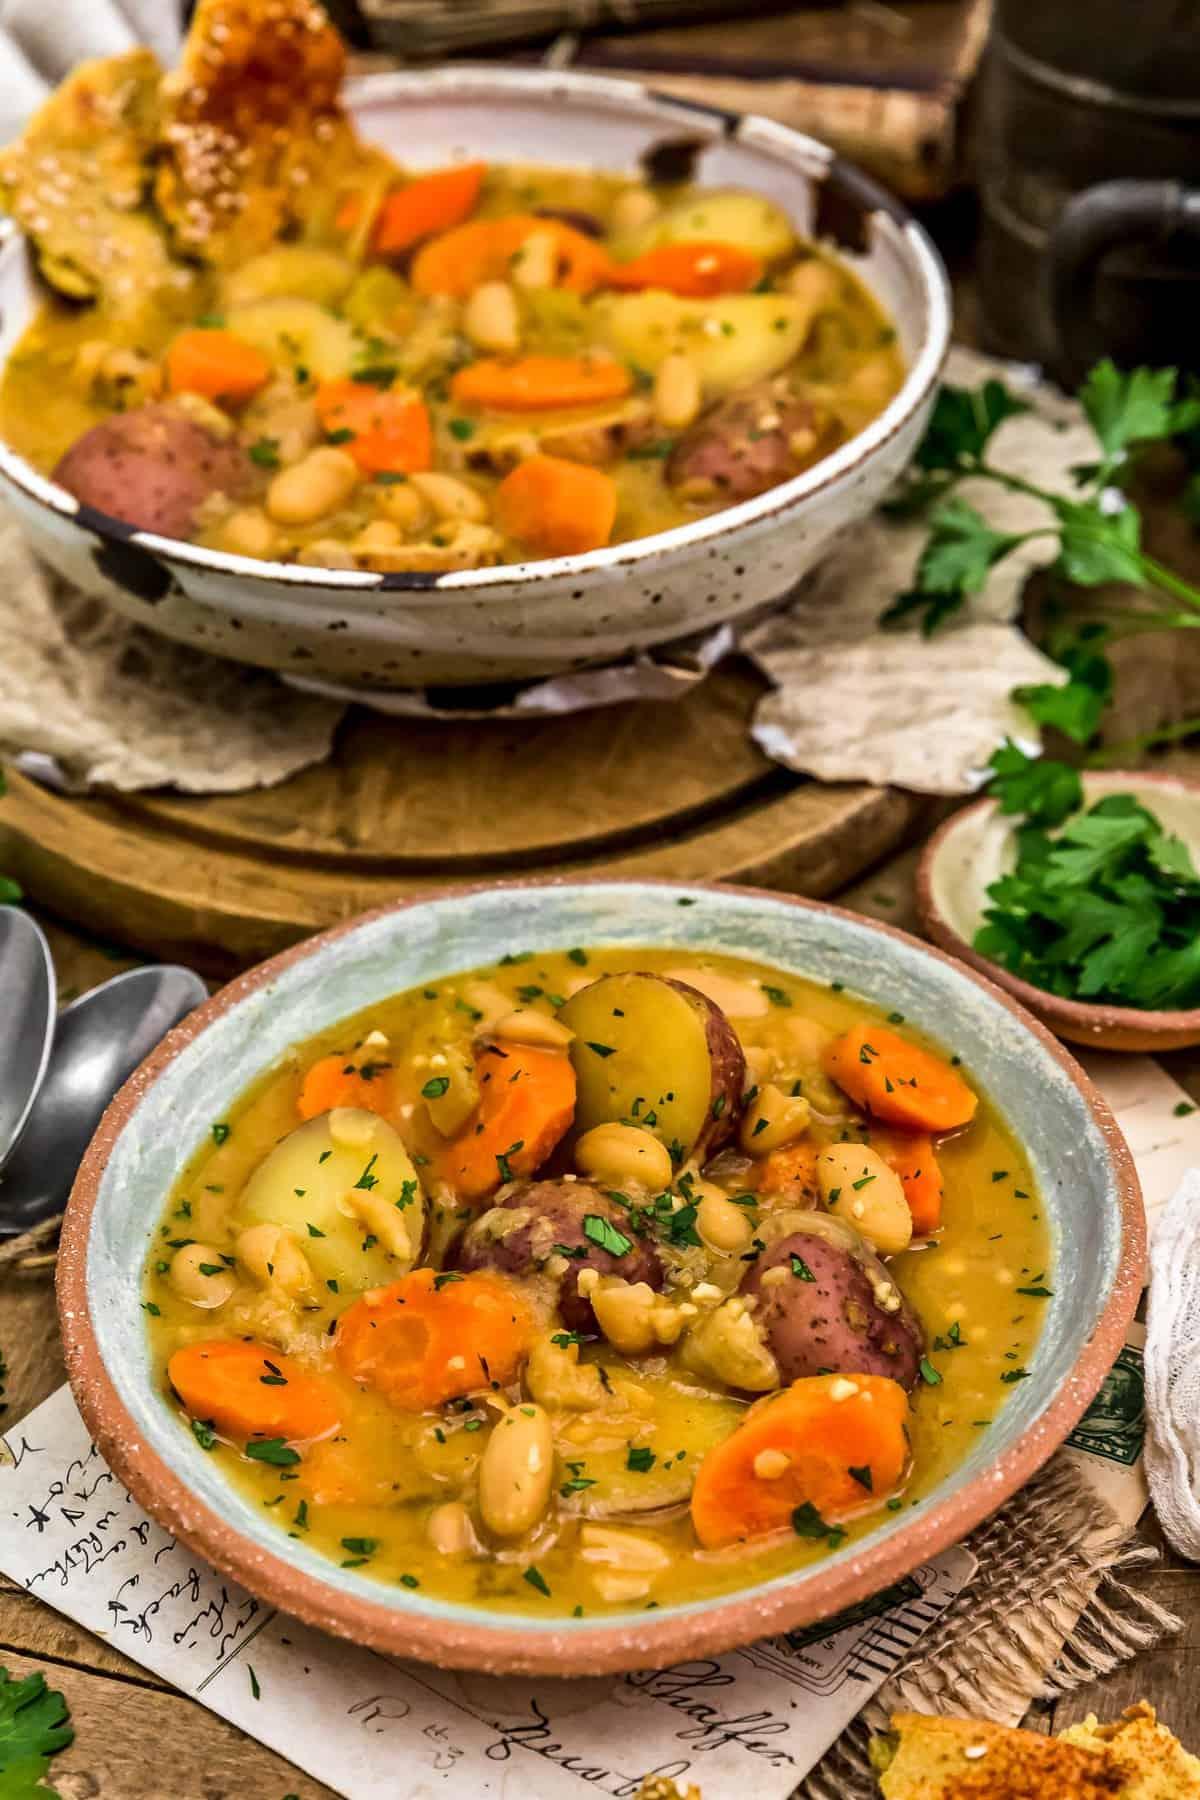 Served French Thyme White Bean Potato Stew